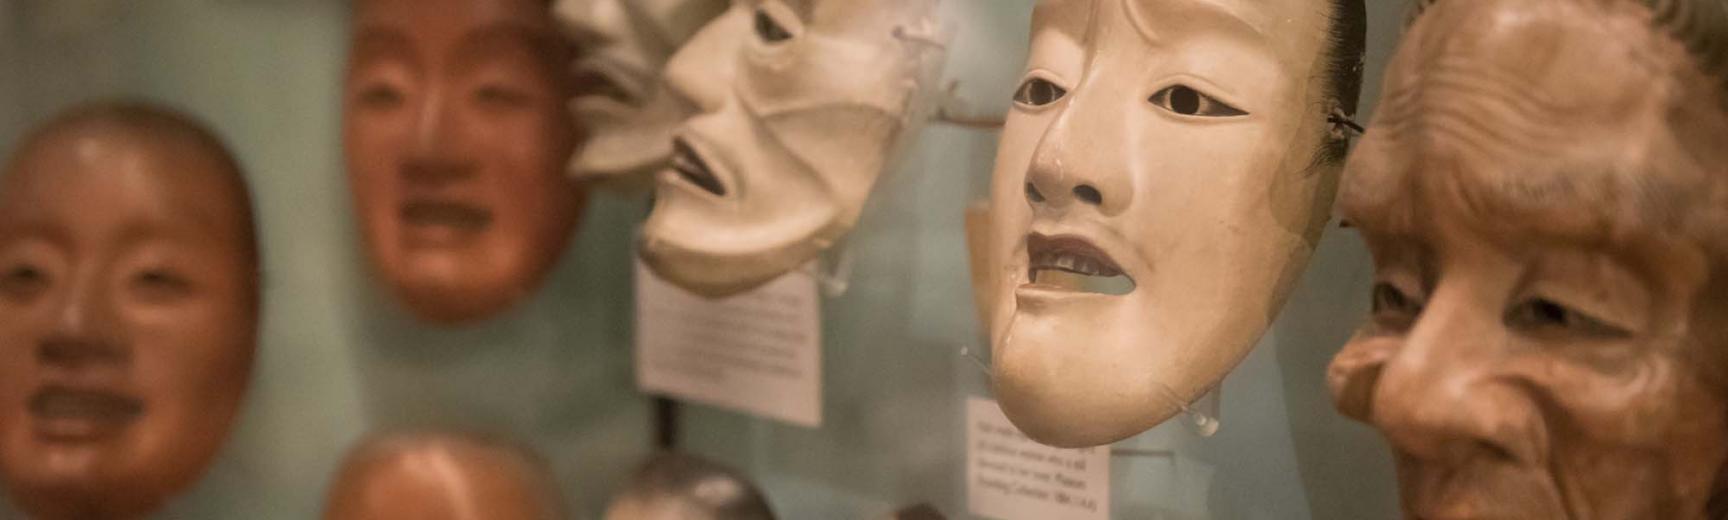 pitt rivers museum by john cairns 8 10 18 151